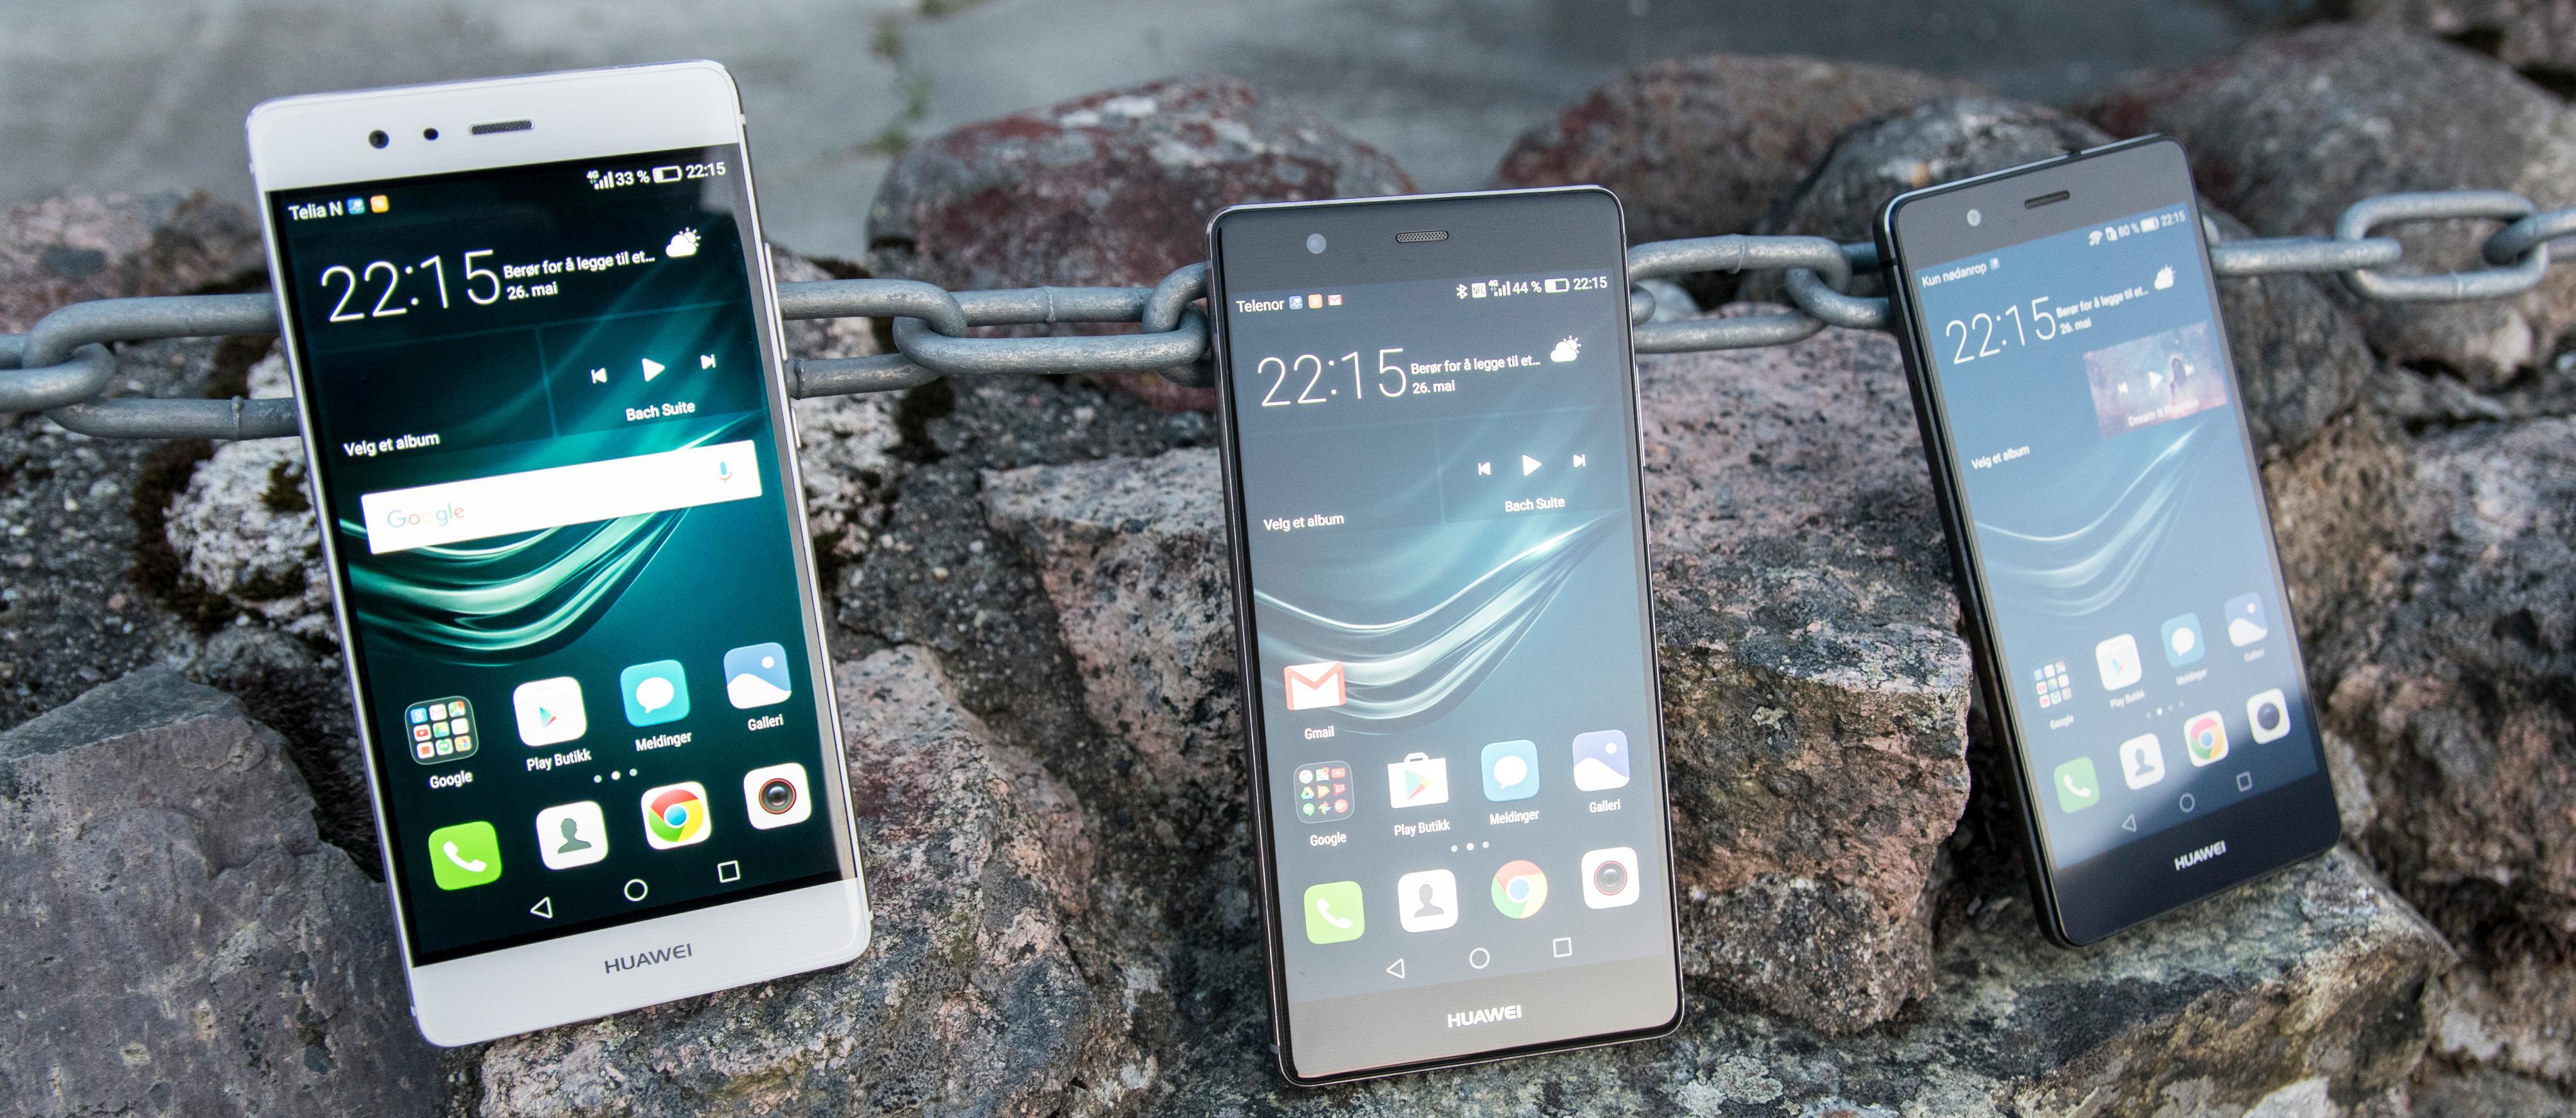 Hele familien Huawei P9 - fra venstre: P9, P9 Plus og P9 Lite. Det er ganske store forskjeller mellom utgavene, tatt i betraktning at de deler modellnavn.